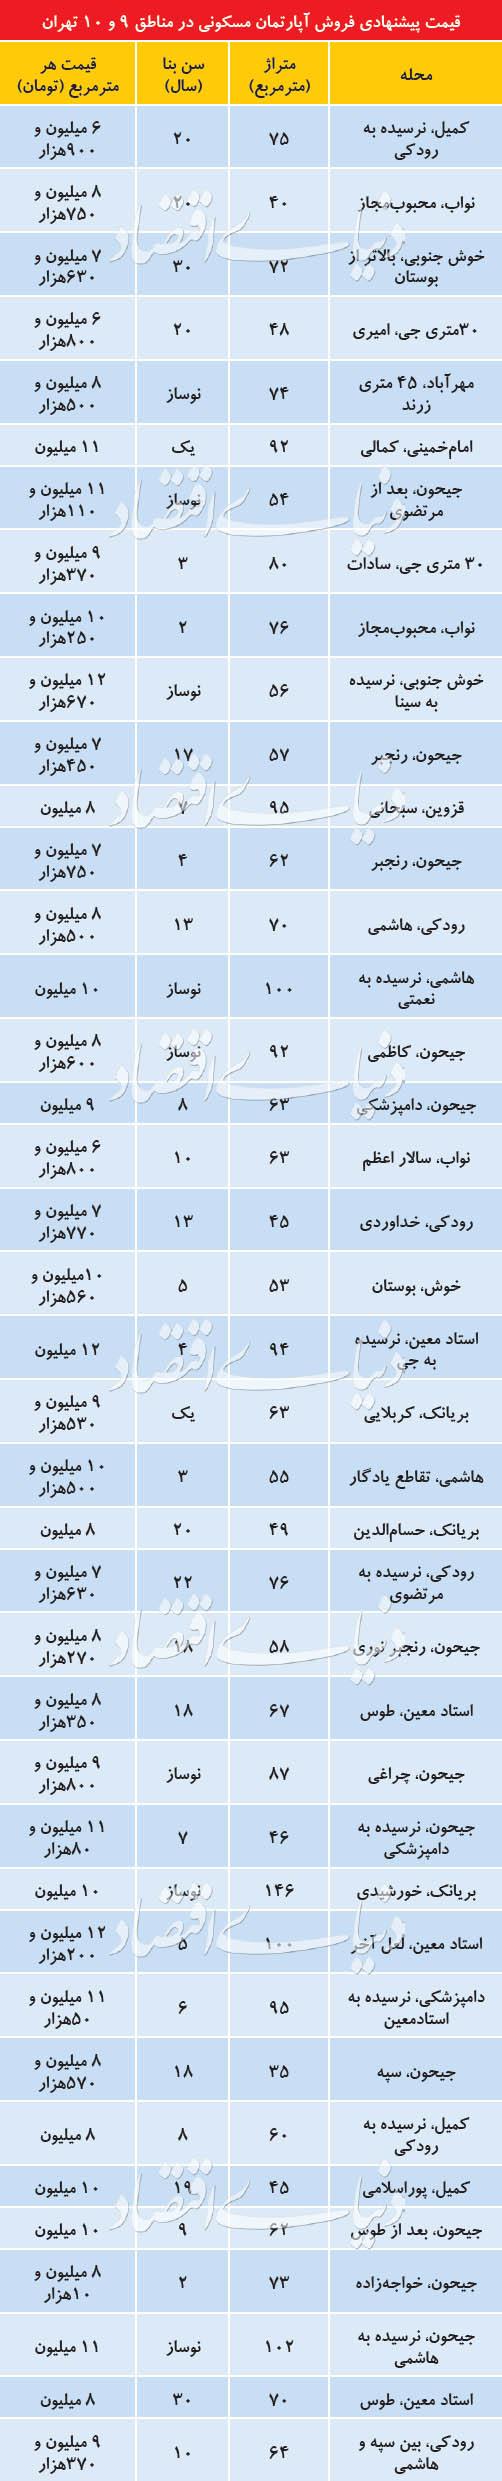 مناسب ترین مناطق تهران برای خرید خانه کجاست؟